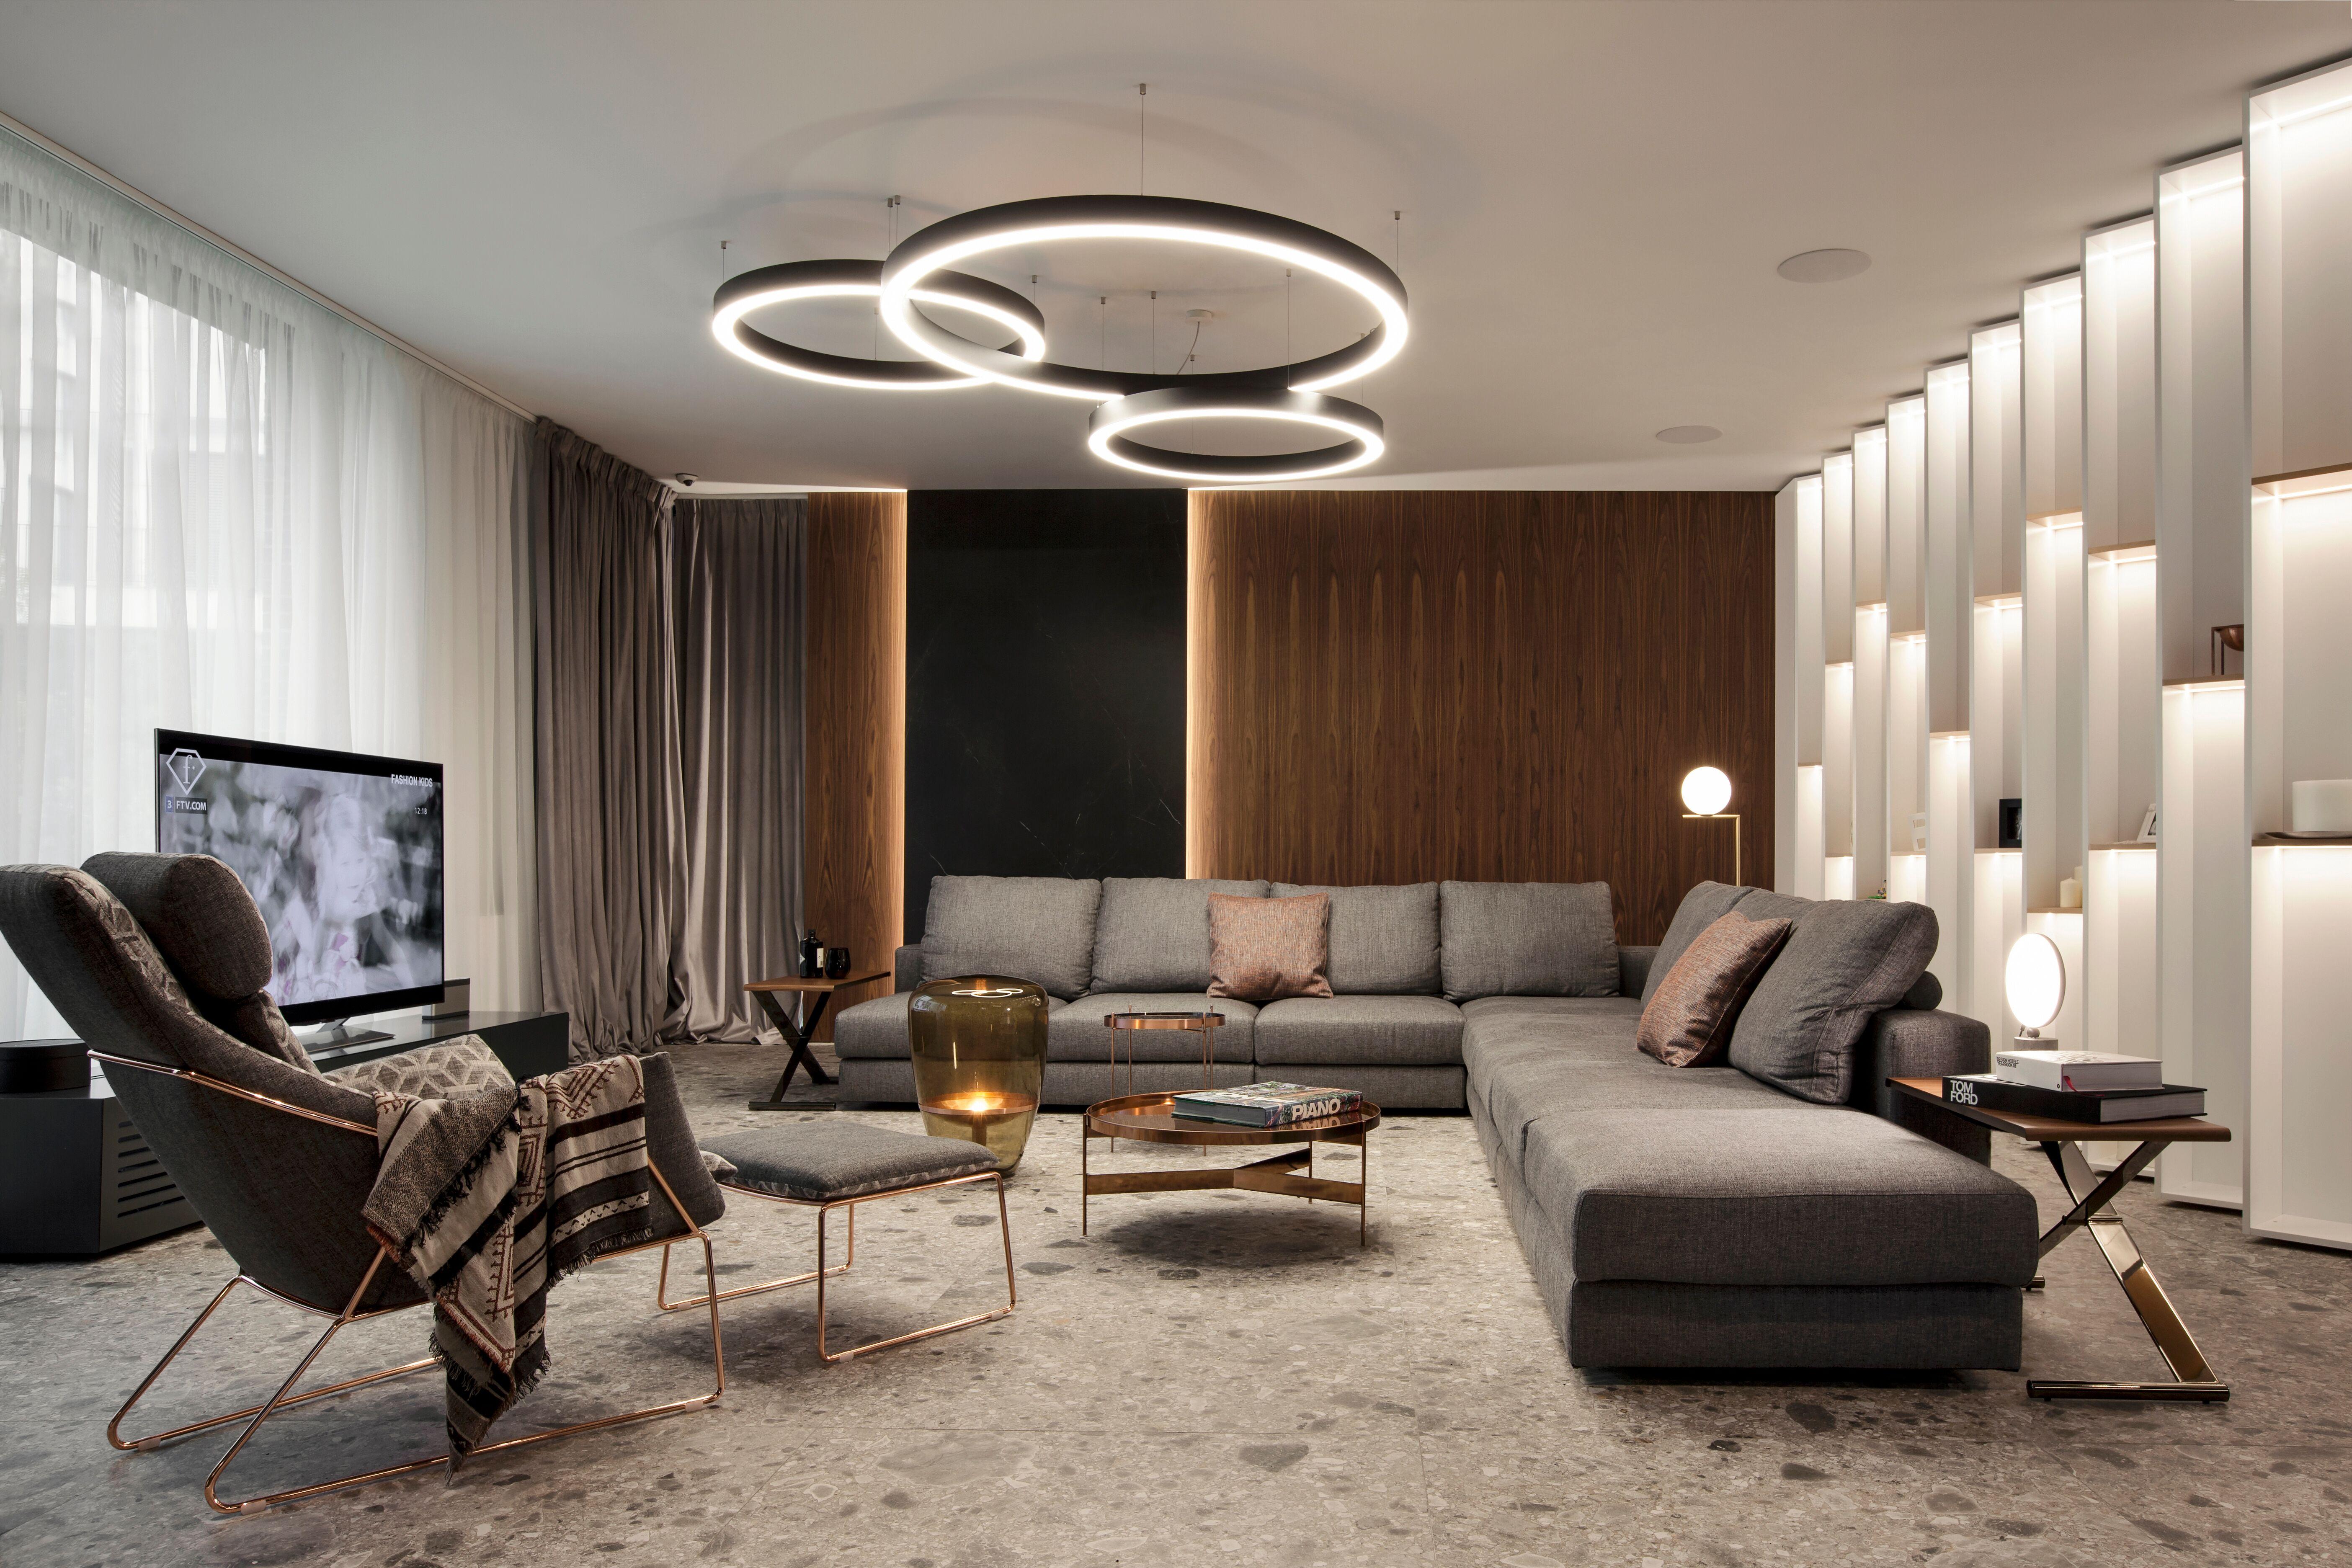 <p>Съчетават модерен стил в къщата със семплия чар на природата &ndash; успокояващ, уютен и мистериозен.</p>